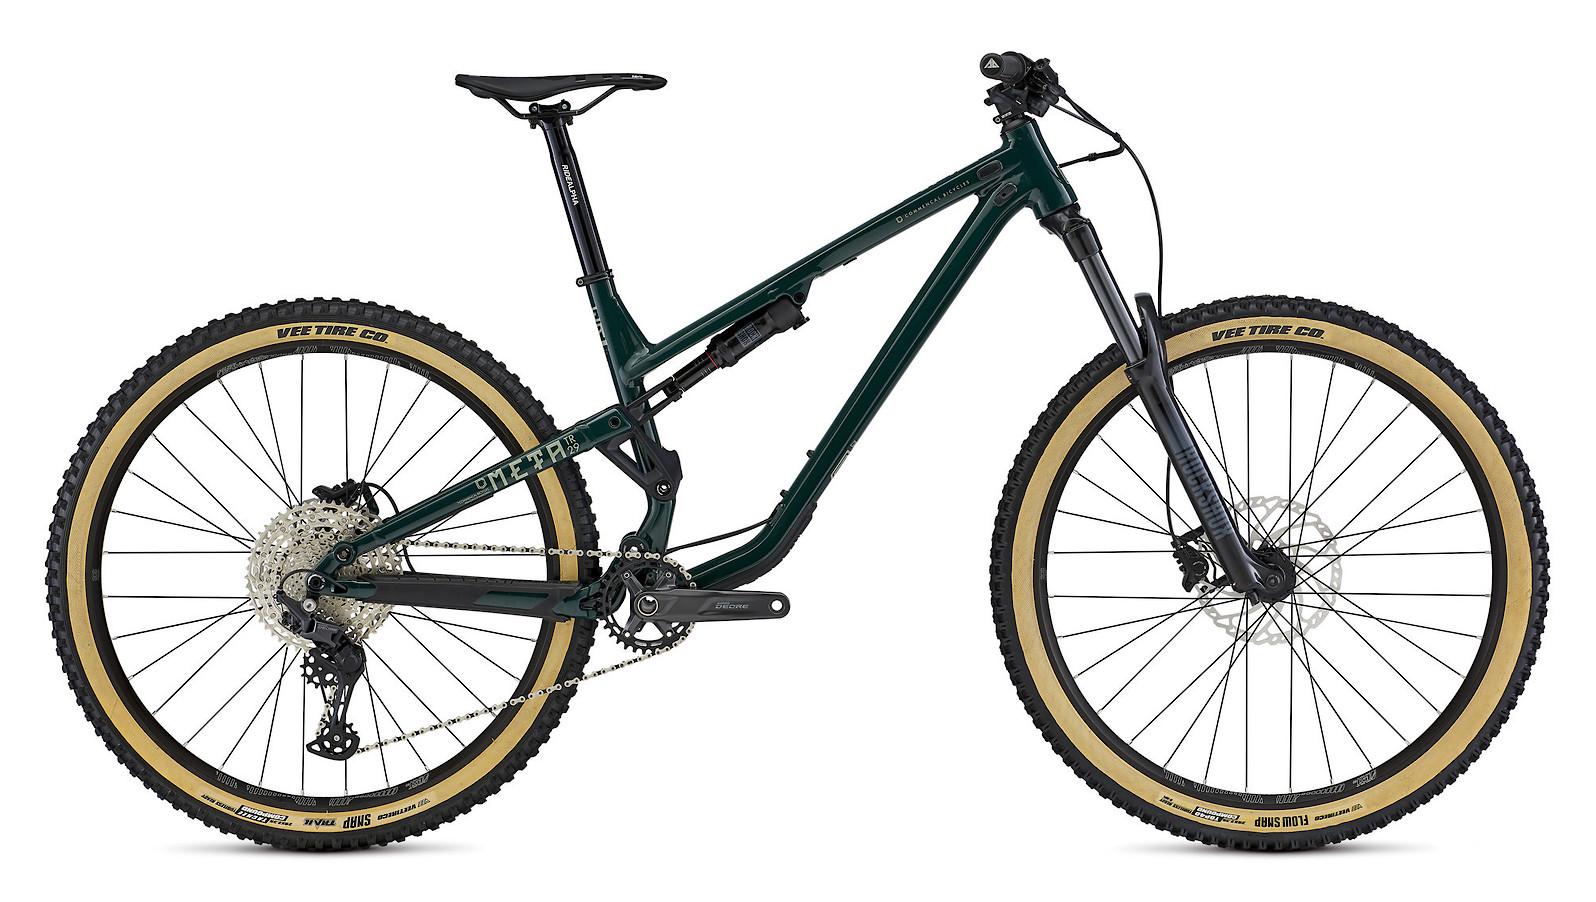 2021 Commencal Meta TR 29 Origin (British Racing Green + tanwall tires)